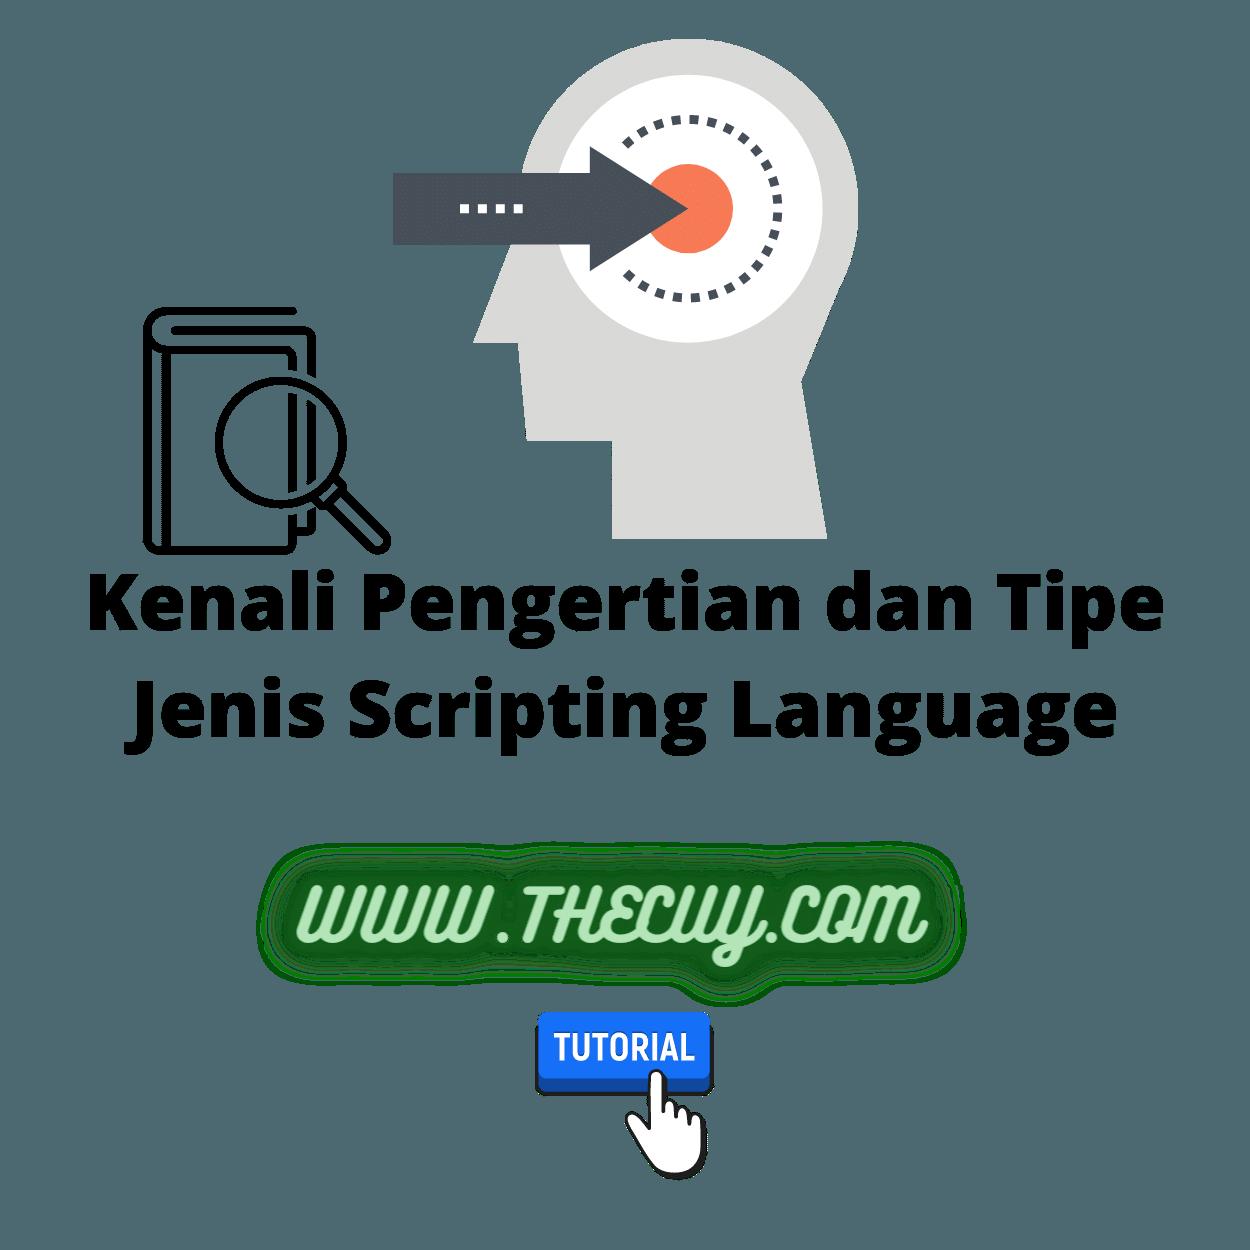 Kenali Pengertian dan Tipe Jenis Scripting Language